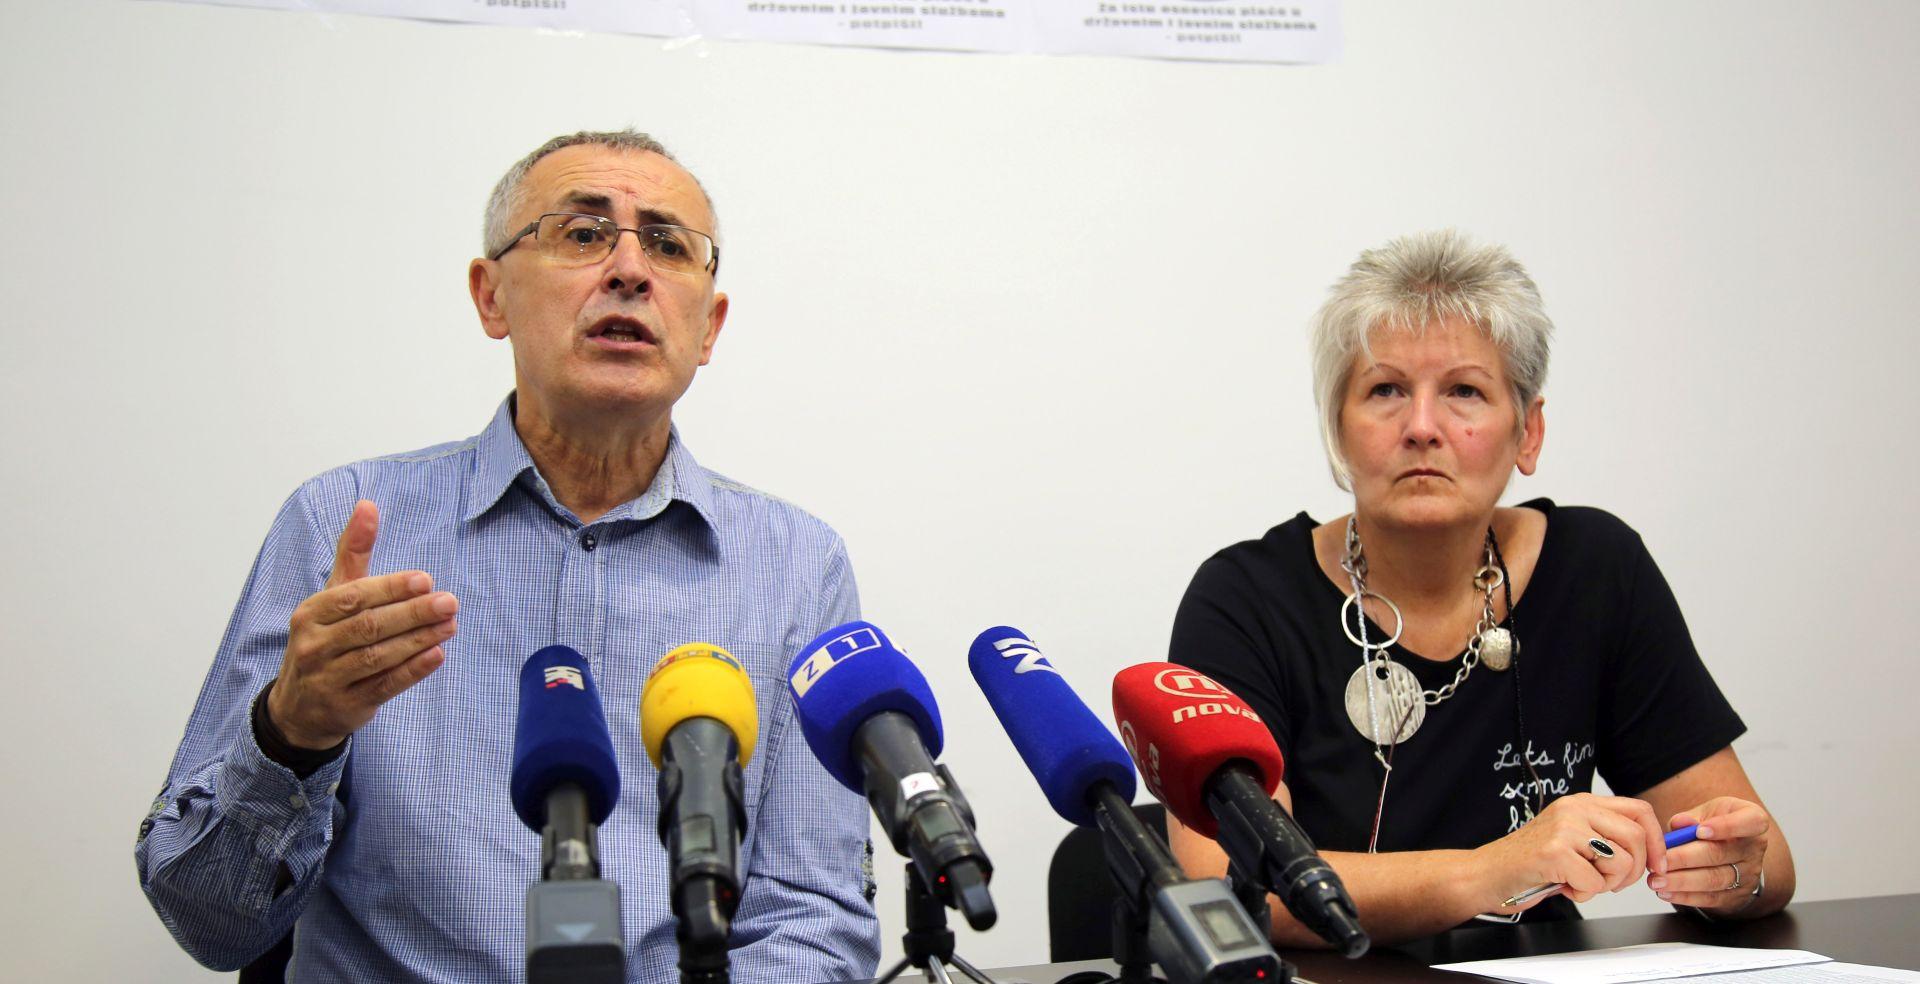 Preporod želi peticijom natjerati Vladu da odustane od plaća po različitim osnovicama